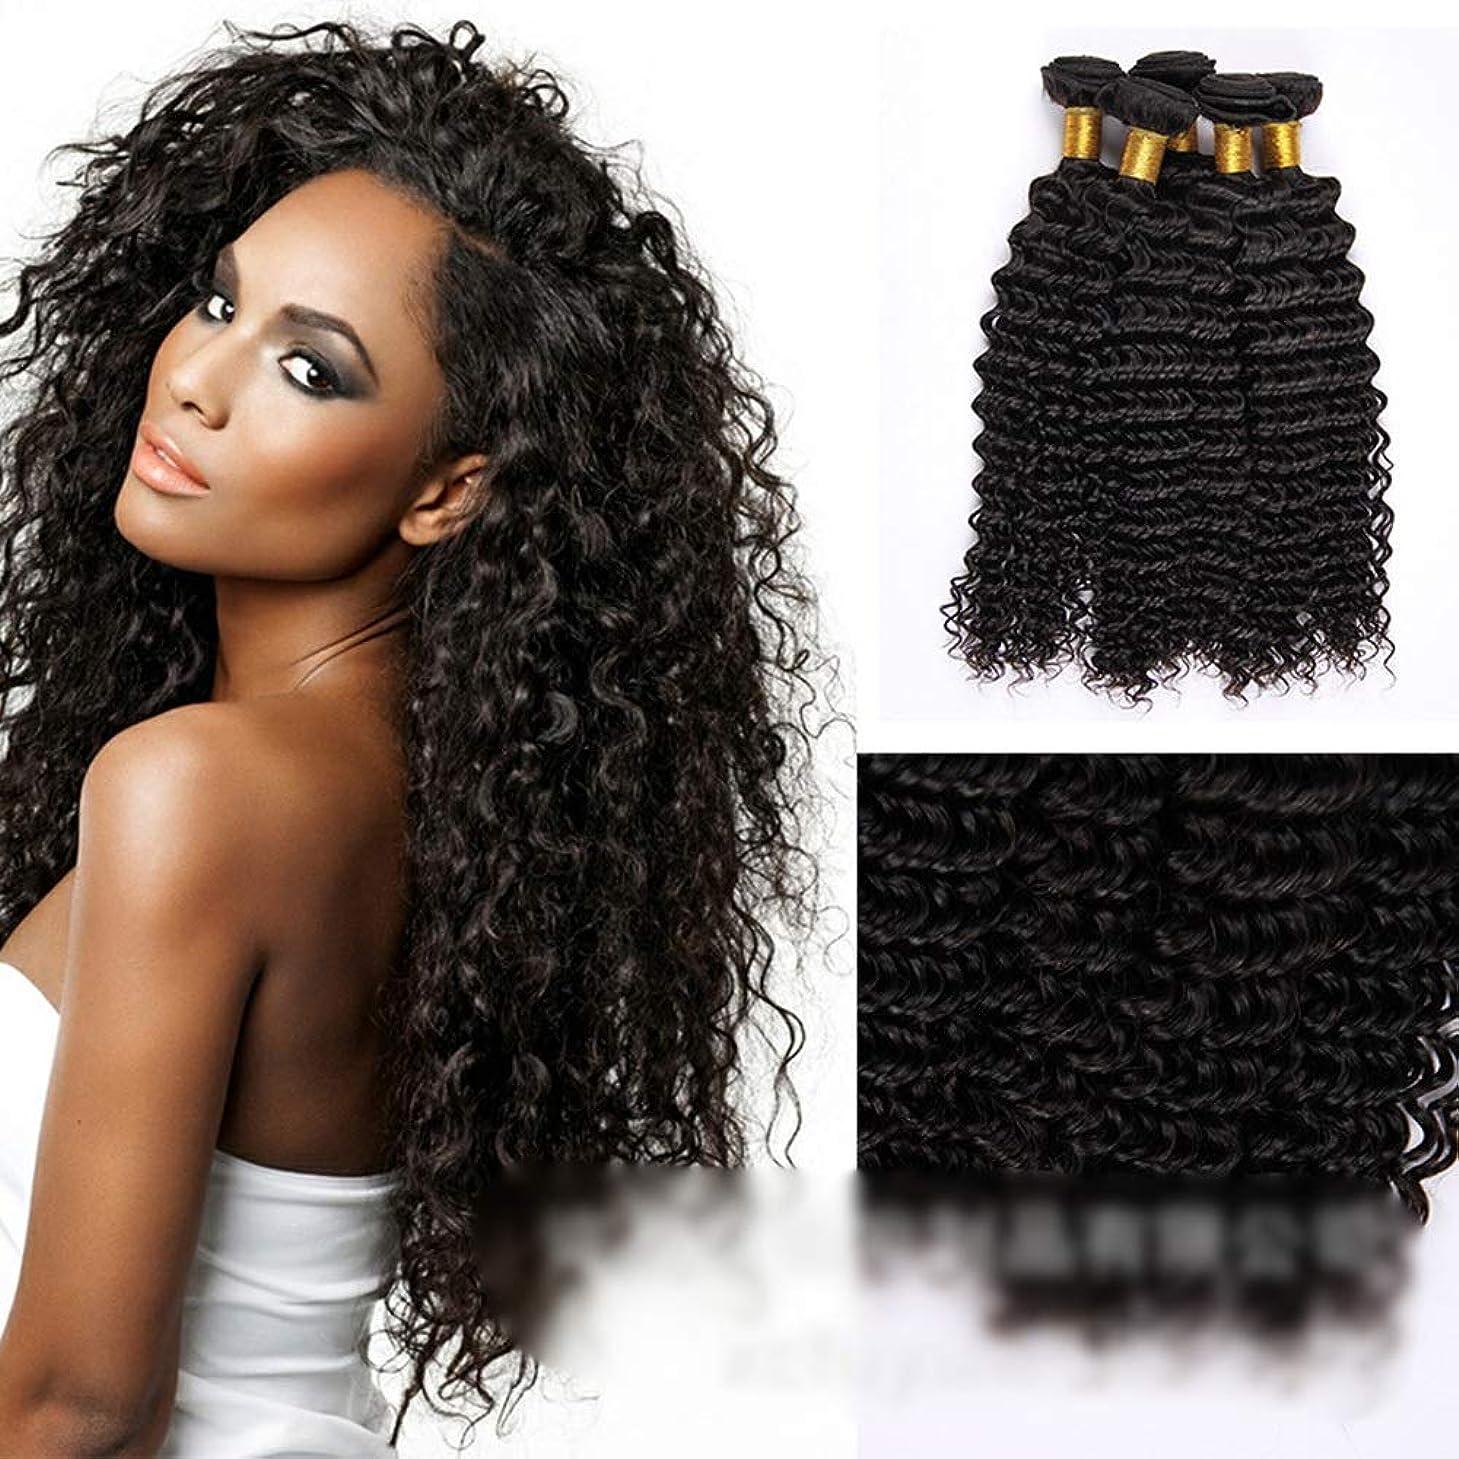 意味のある馬鹿げた乗り出すYESONEEP ブラジルの深い巻き毛の束100%未処理の人間の髪の毛の織り方自然な黒色の髪の拡張子(1バンドル、10